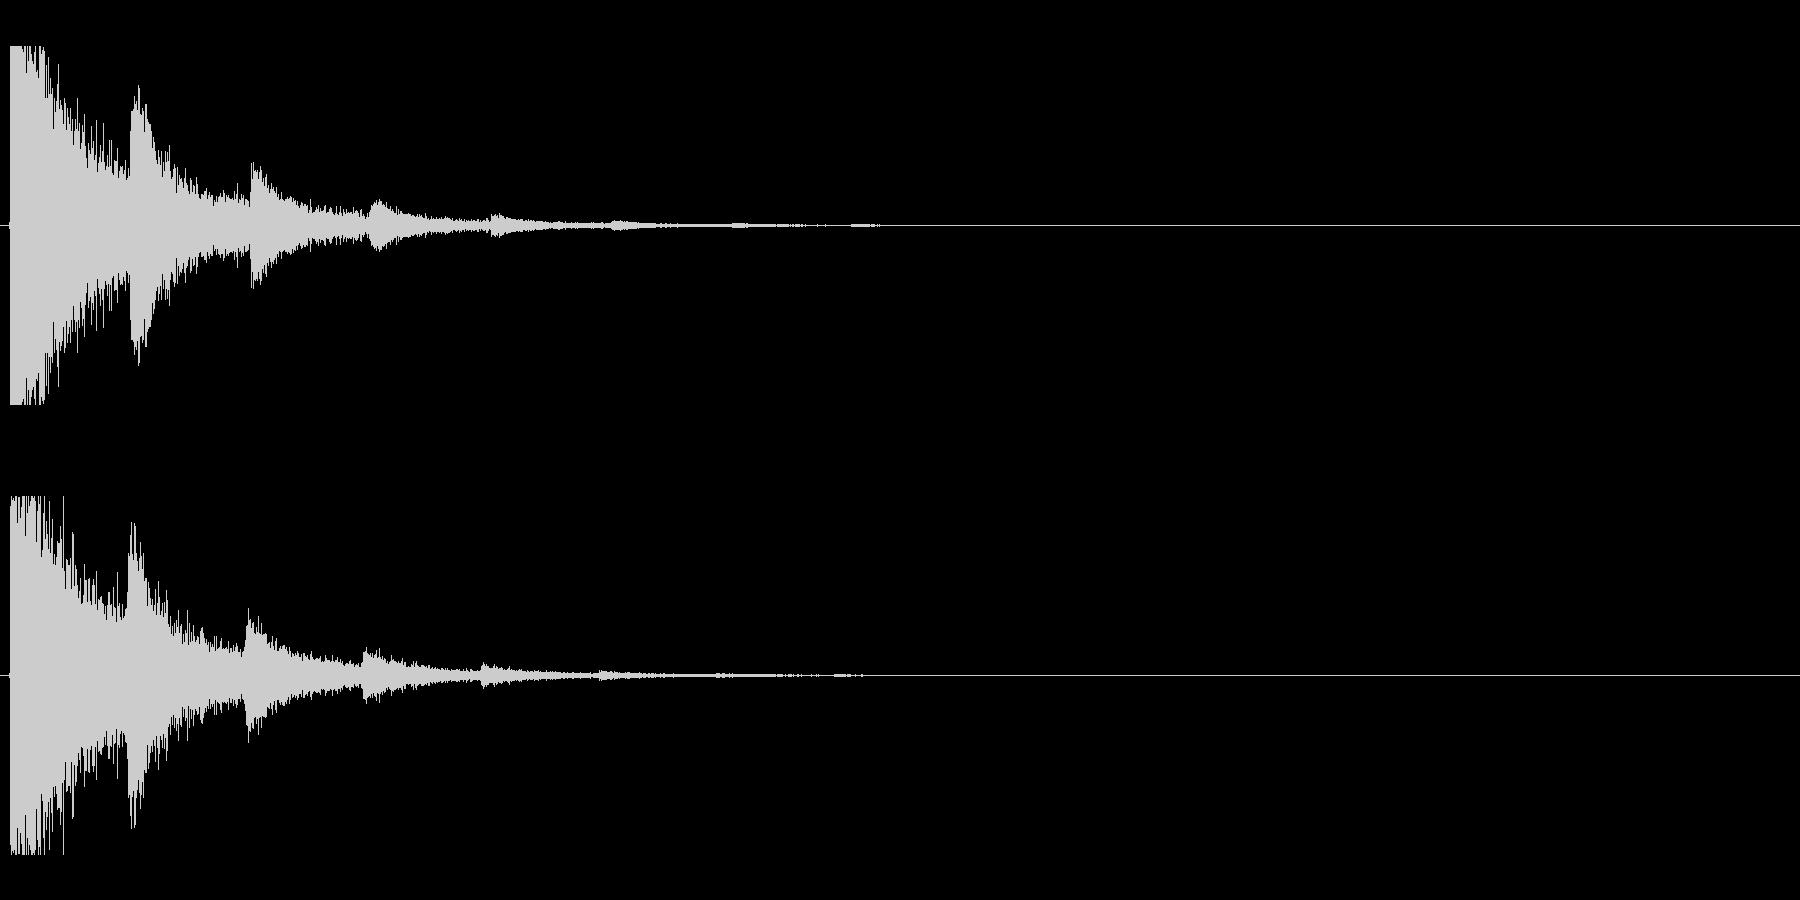 レーザー音-07-2の未再生の波形